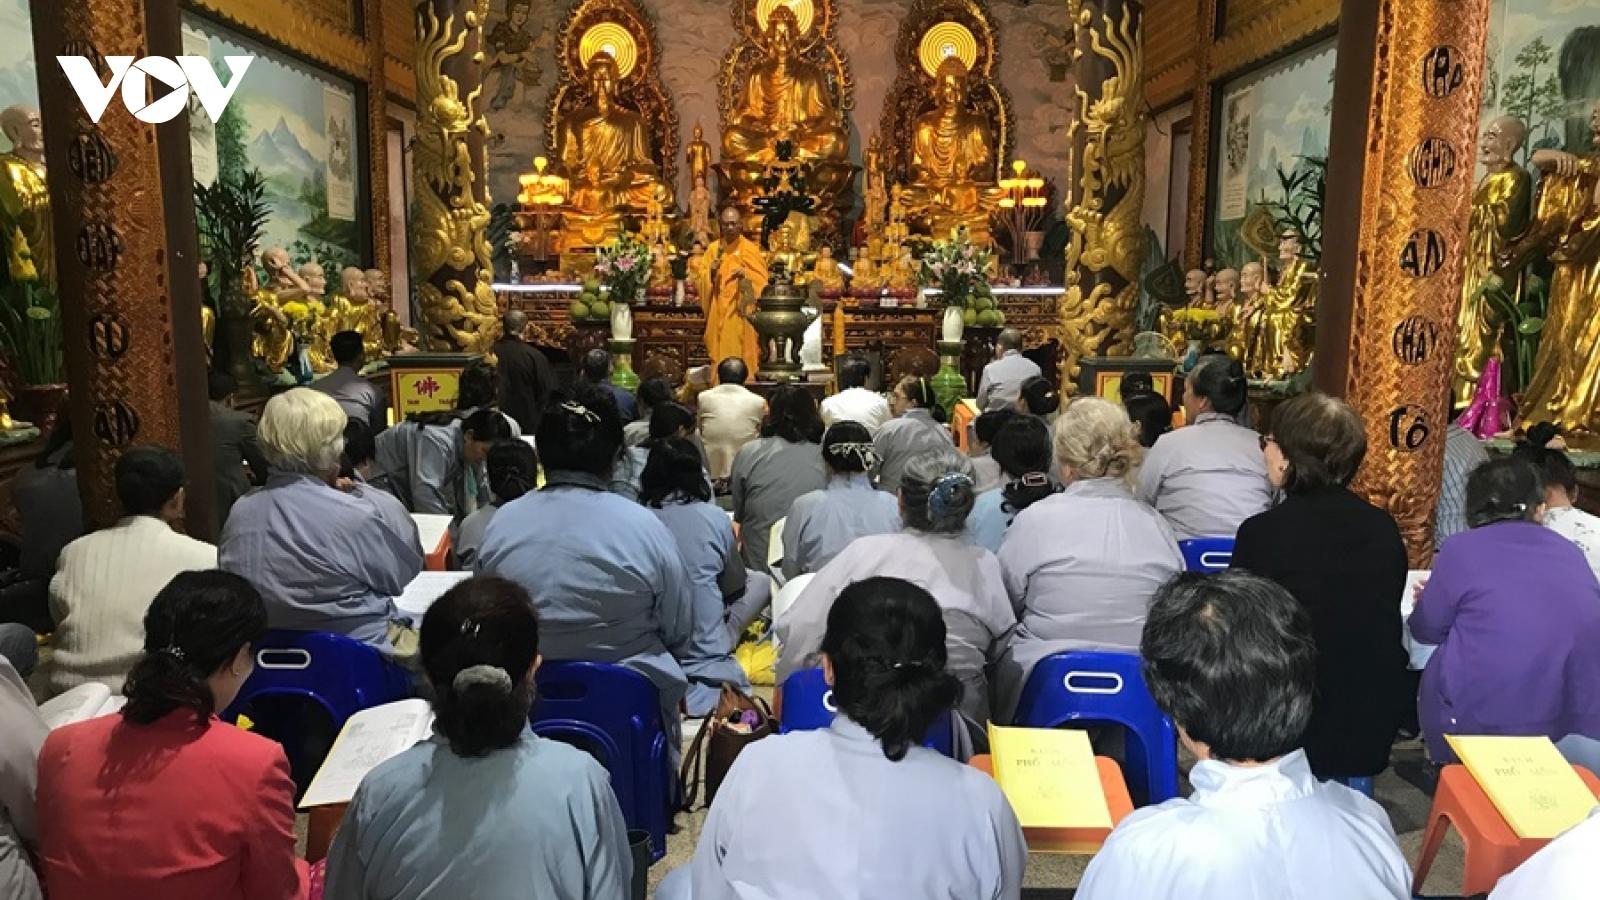 Chùa Phật Tích Vientiane (Lào) tổ chức lễ cầu quốc thái dân an